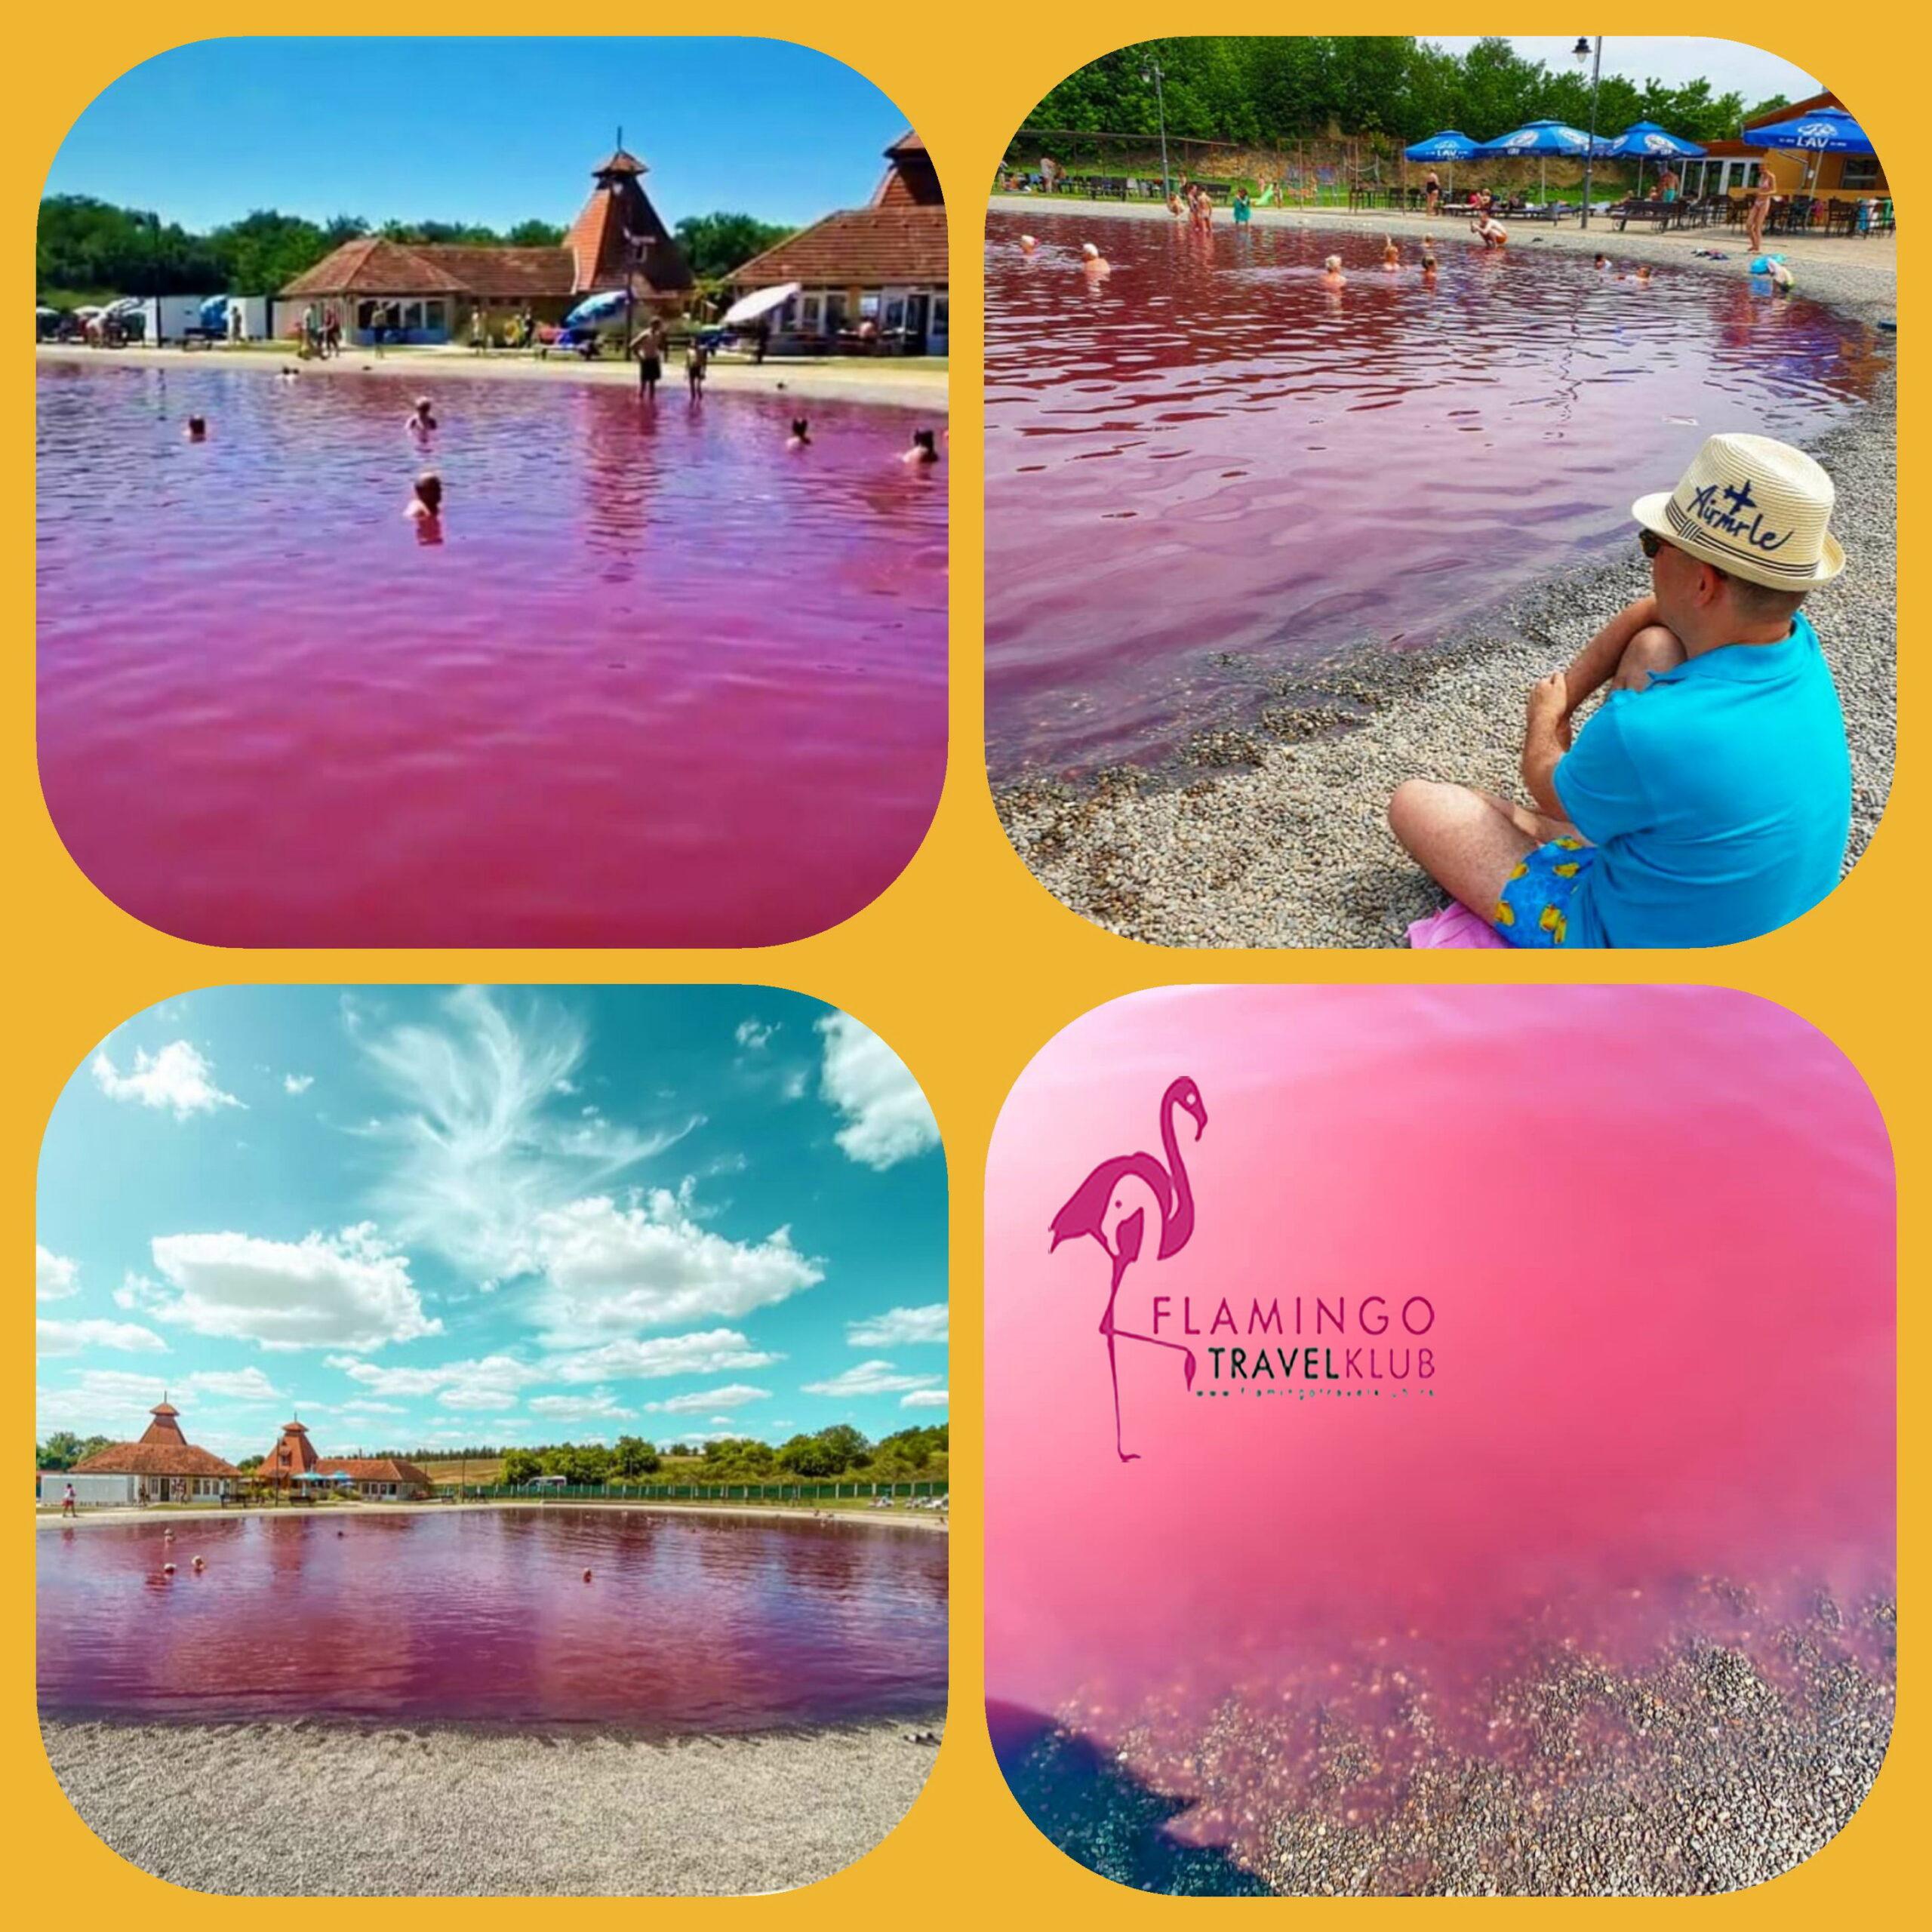 banja pacir roze jezero